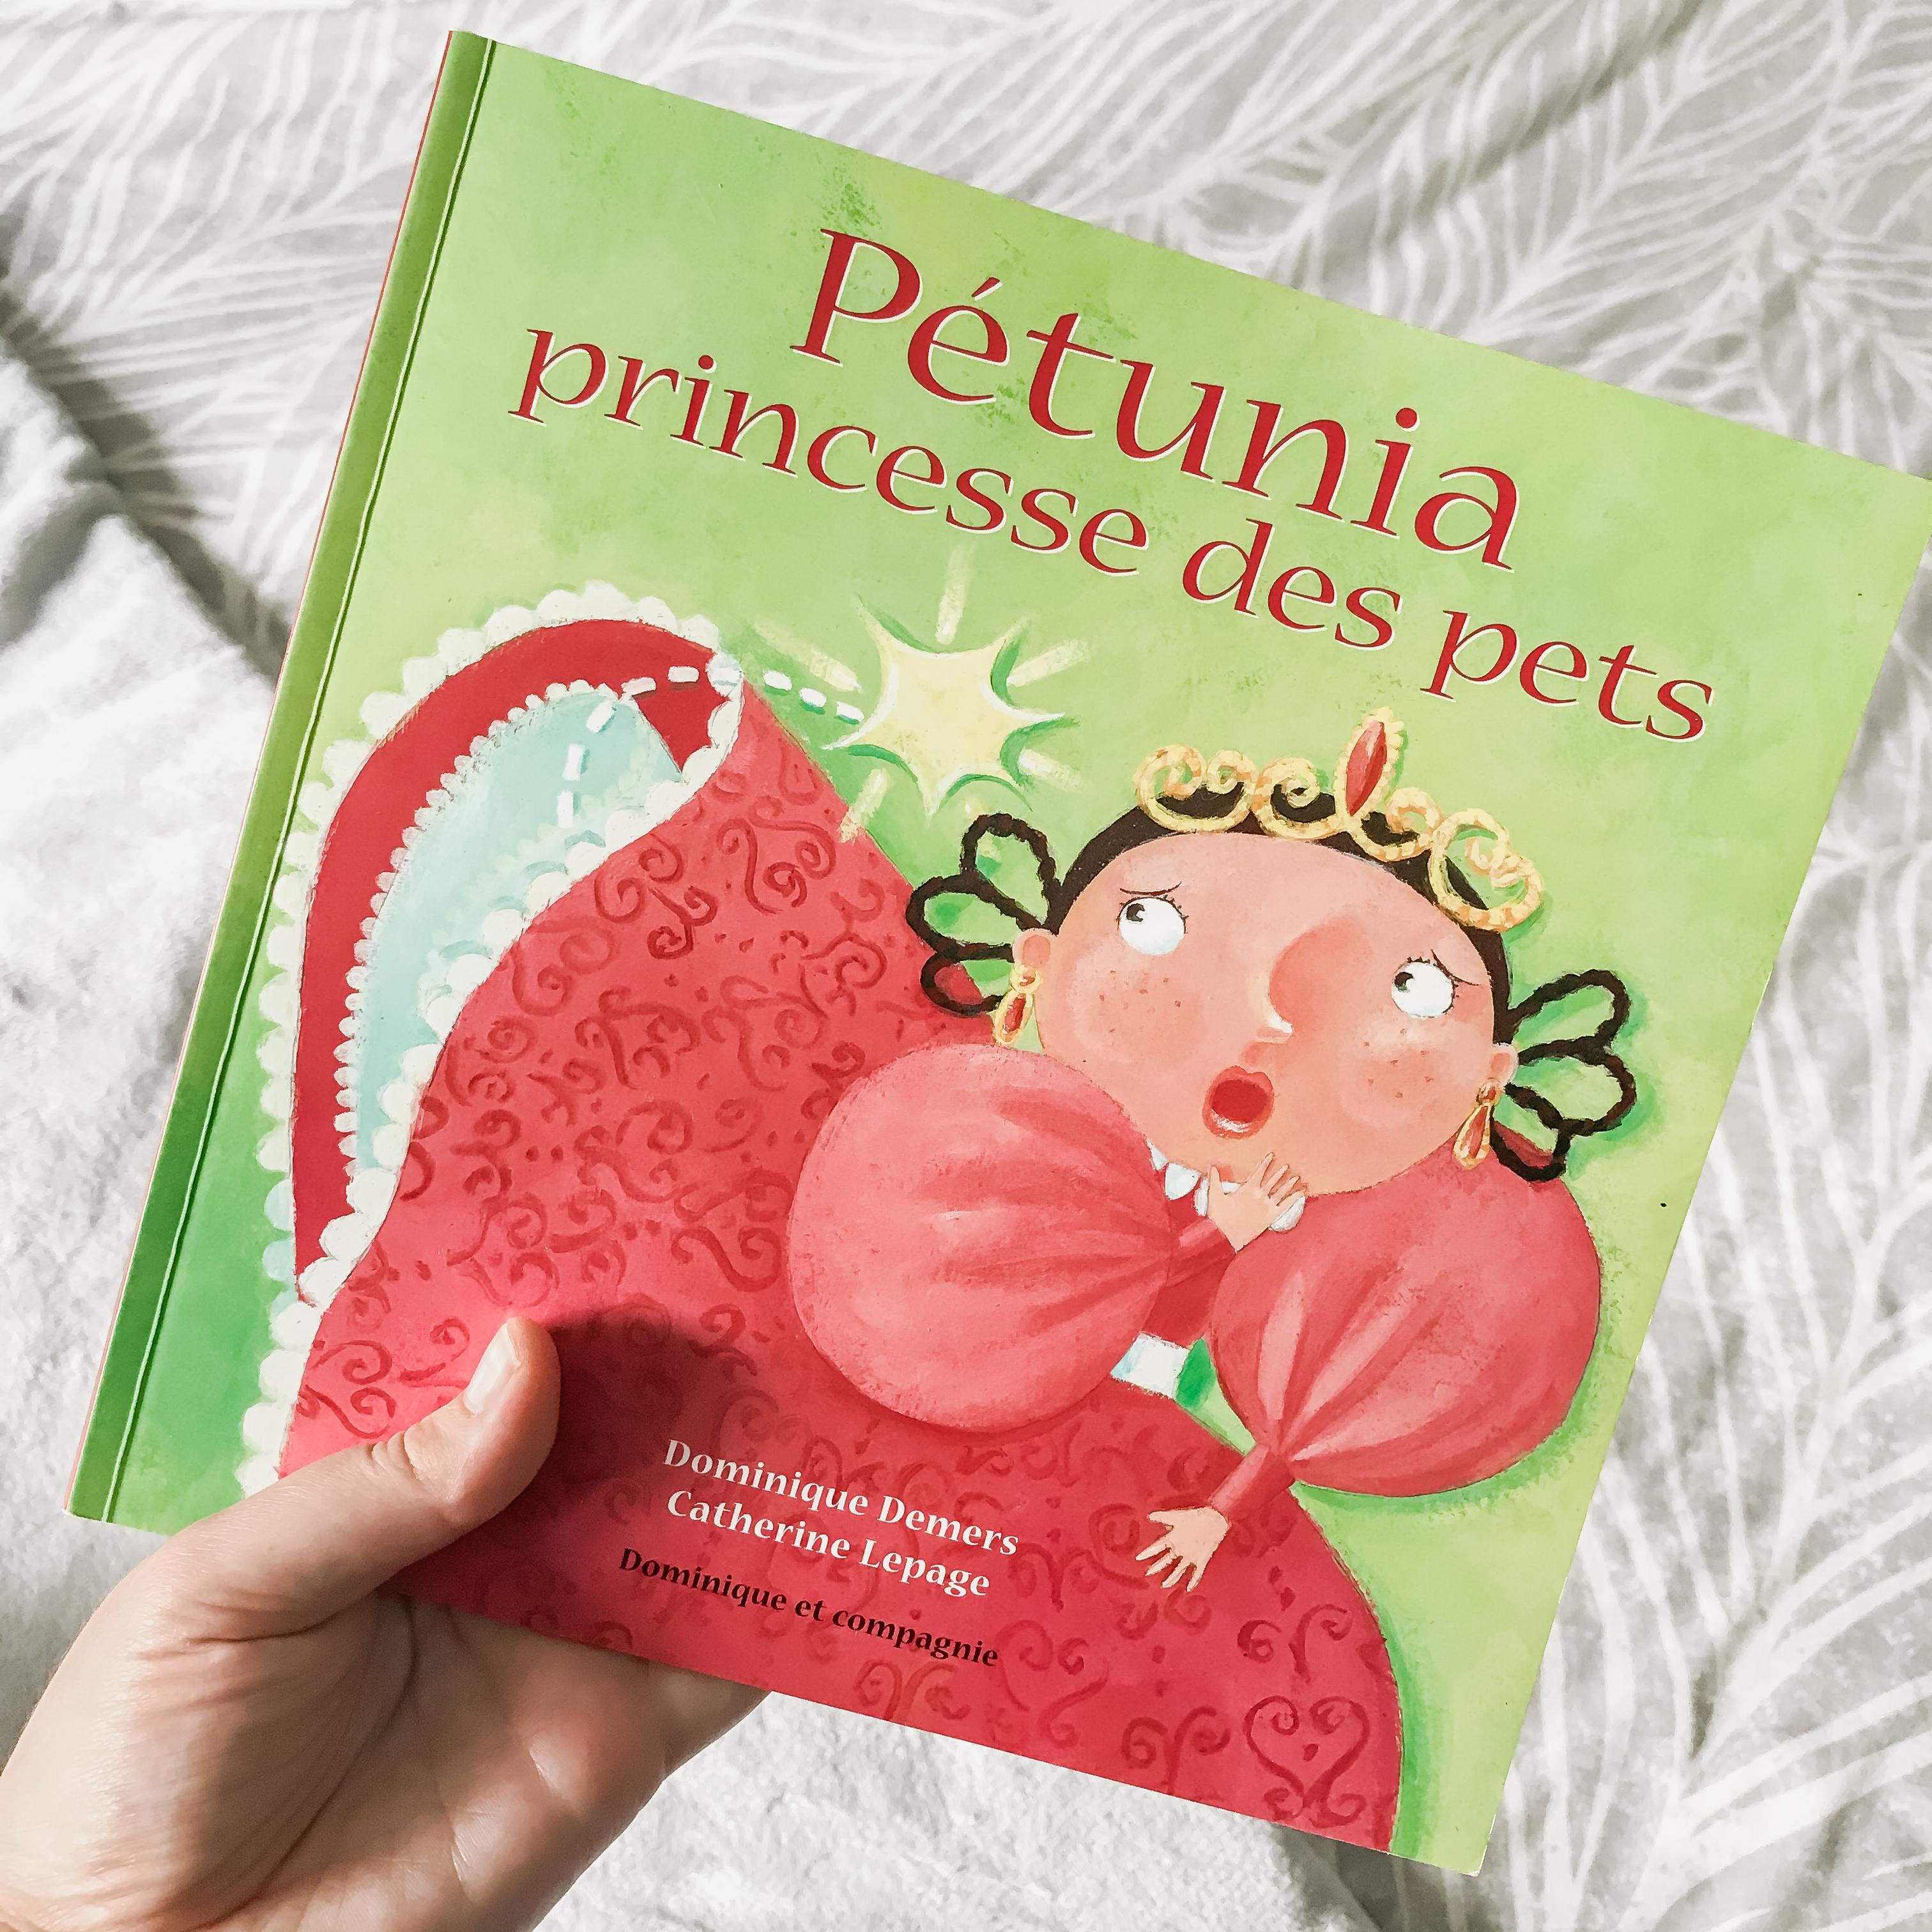 Pétunia princesse des pets (Dominique et compagnie)